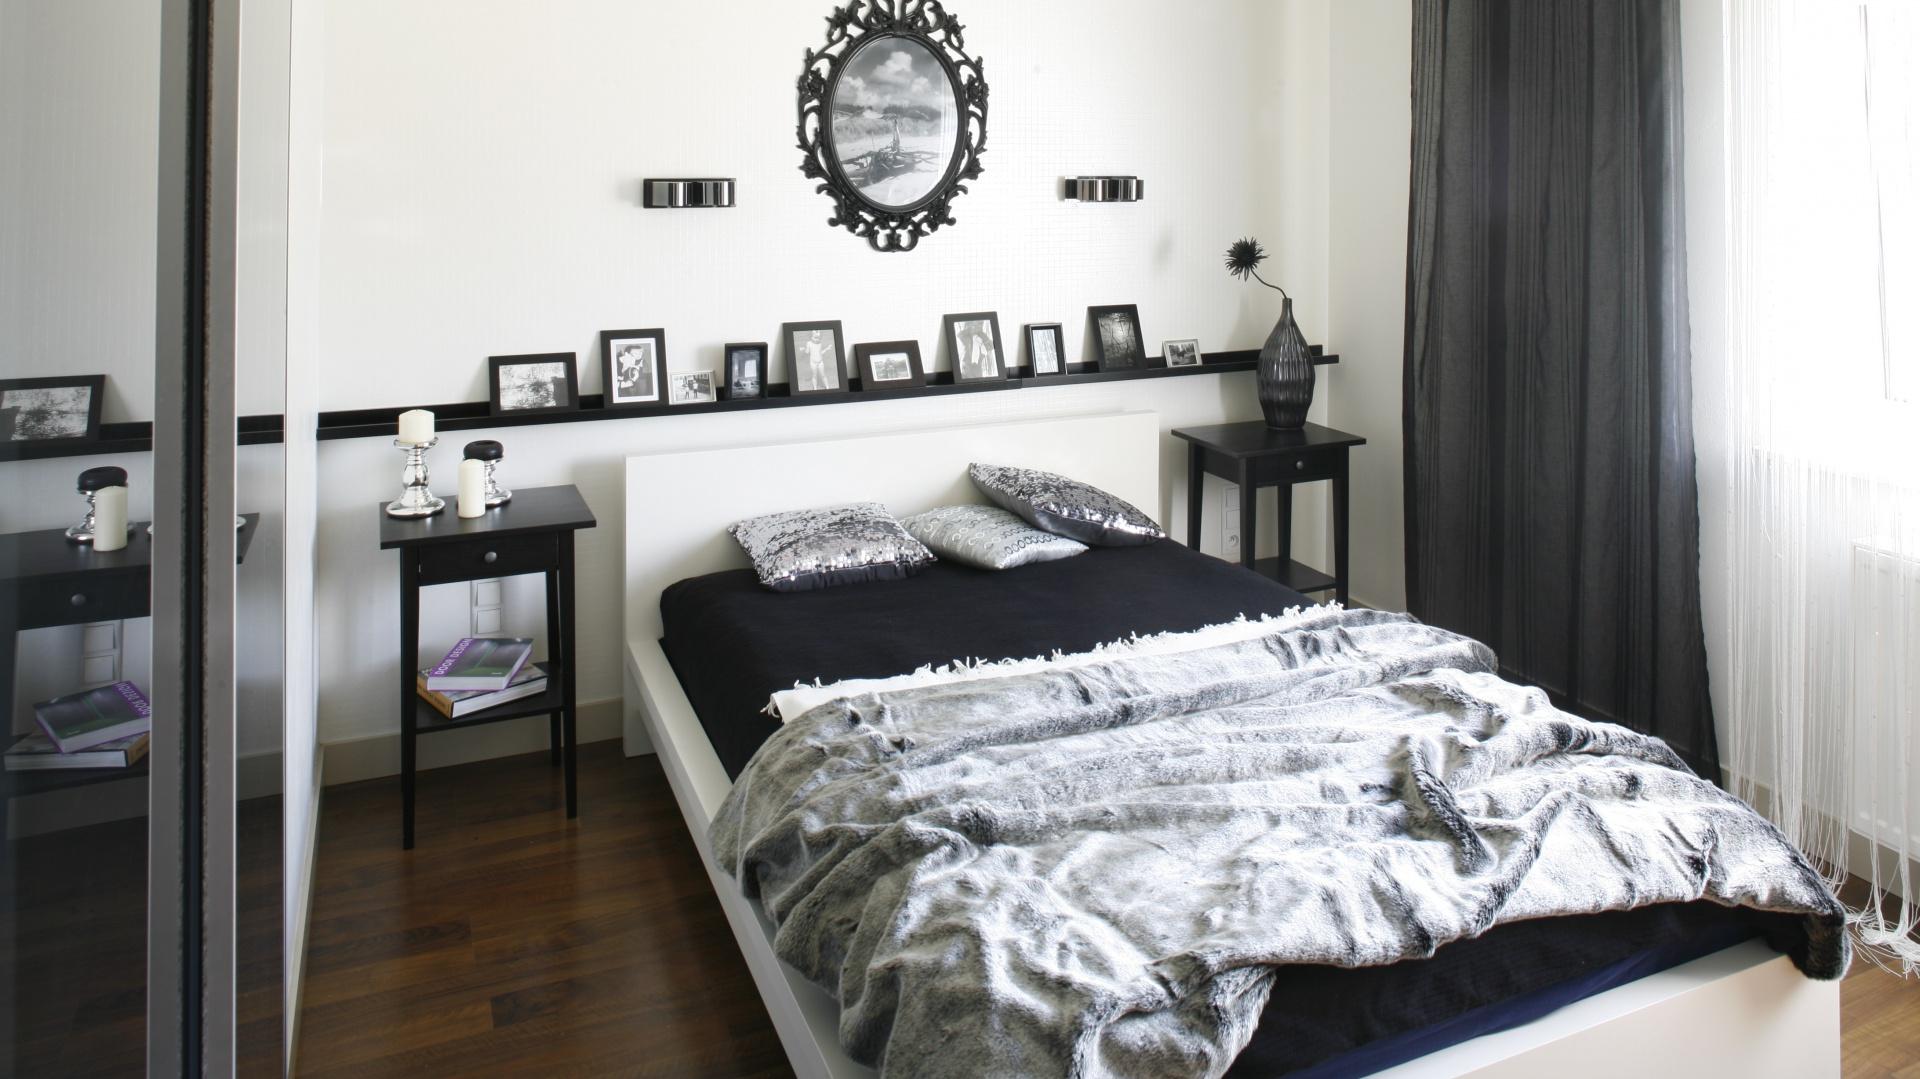 Czarno Biała Sypialnia W Stylu Glamour Prawda że Piękna